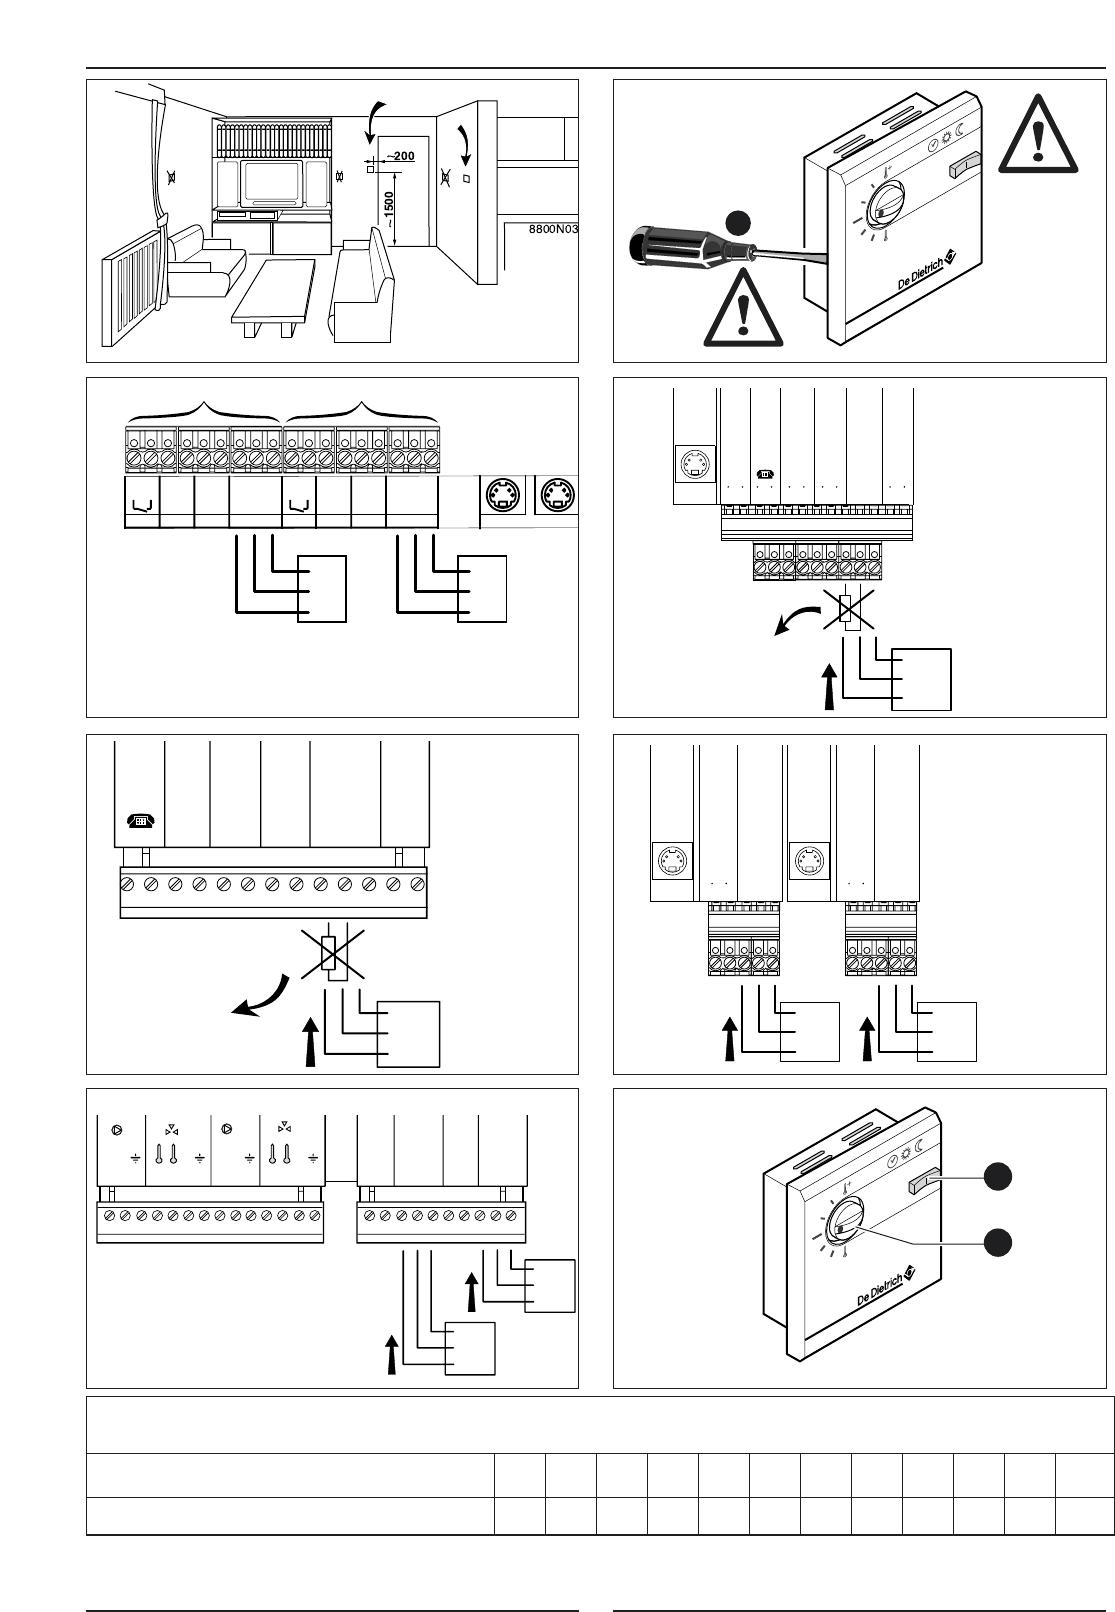 bedienungsanleitung de dietrich diematic delta seite 2. Black Bedroom Furniture Sets. Home Design Ideas